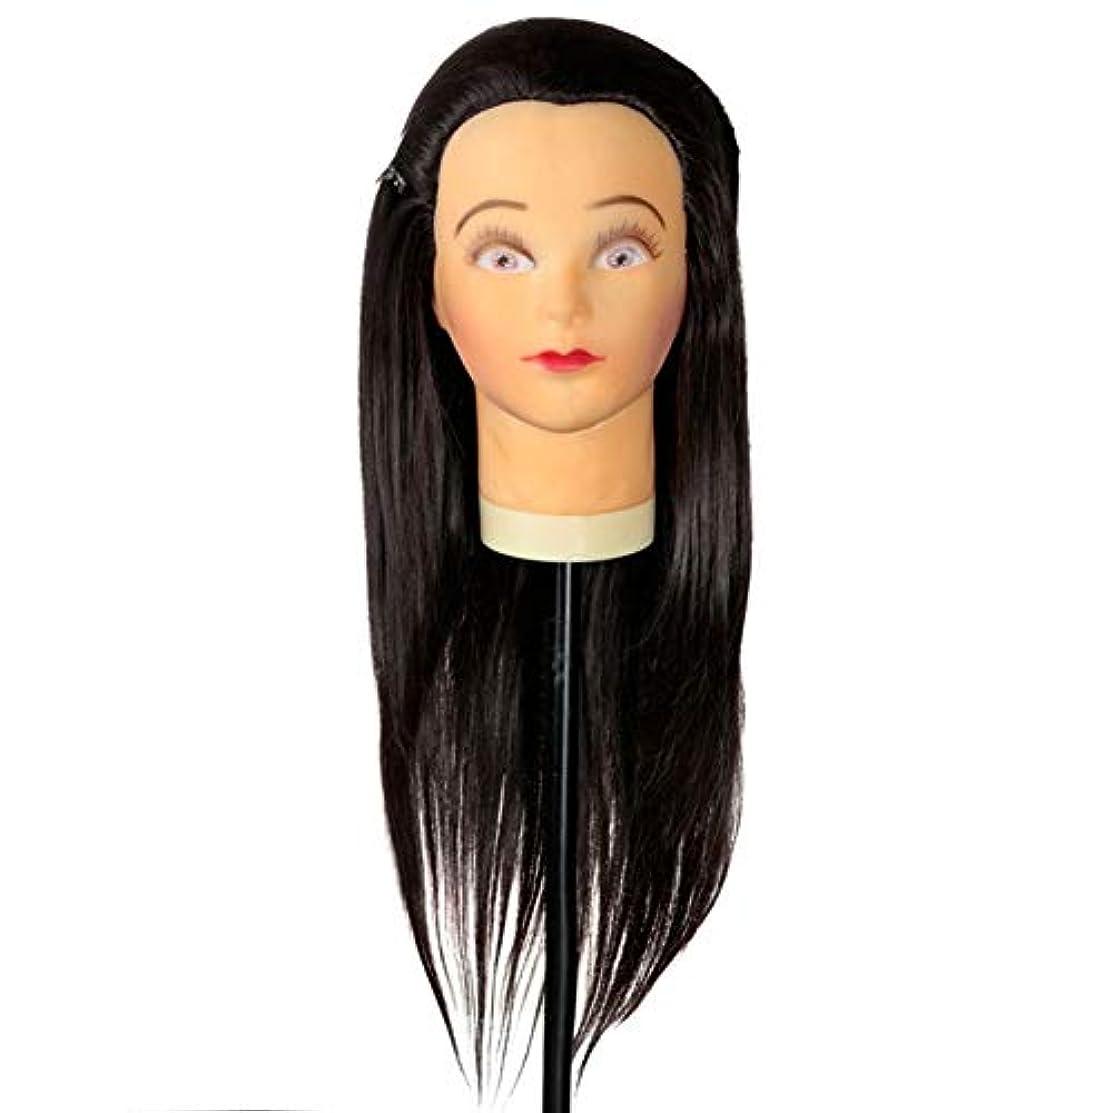 弓心のこもった降臨メイクアップエクササイズディスク髪編組ヘッド金型デュアルユースダミーヘッドモデルヘッド美容ヘアカットティーチングヘッドかつら